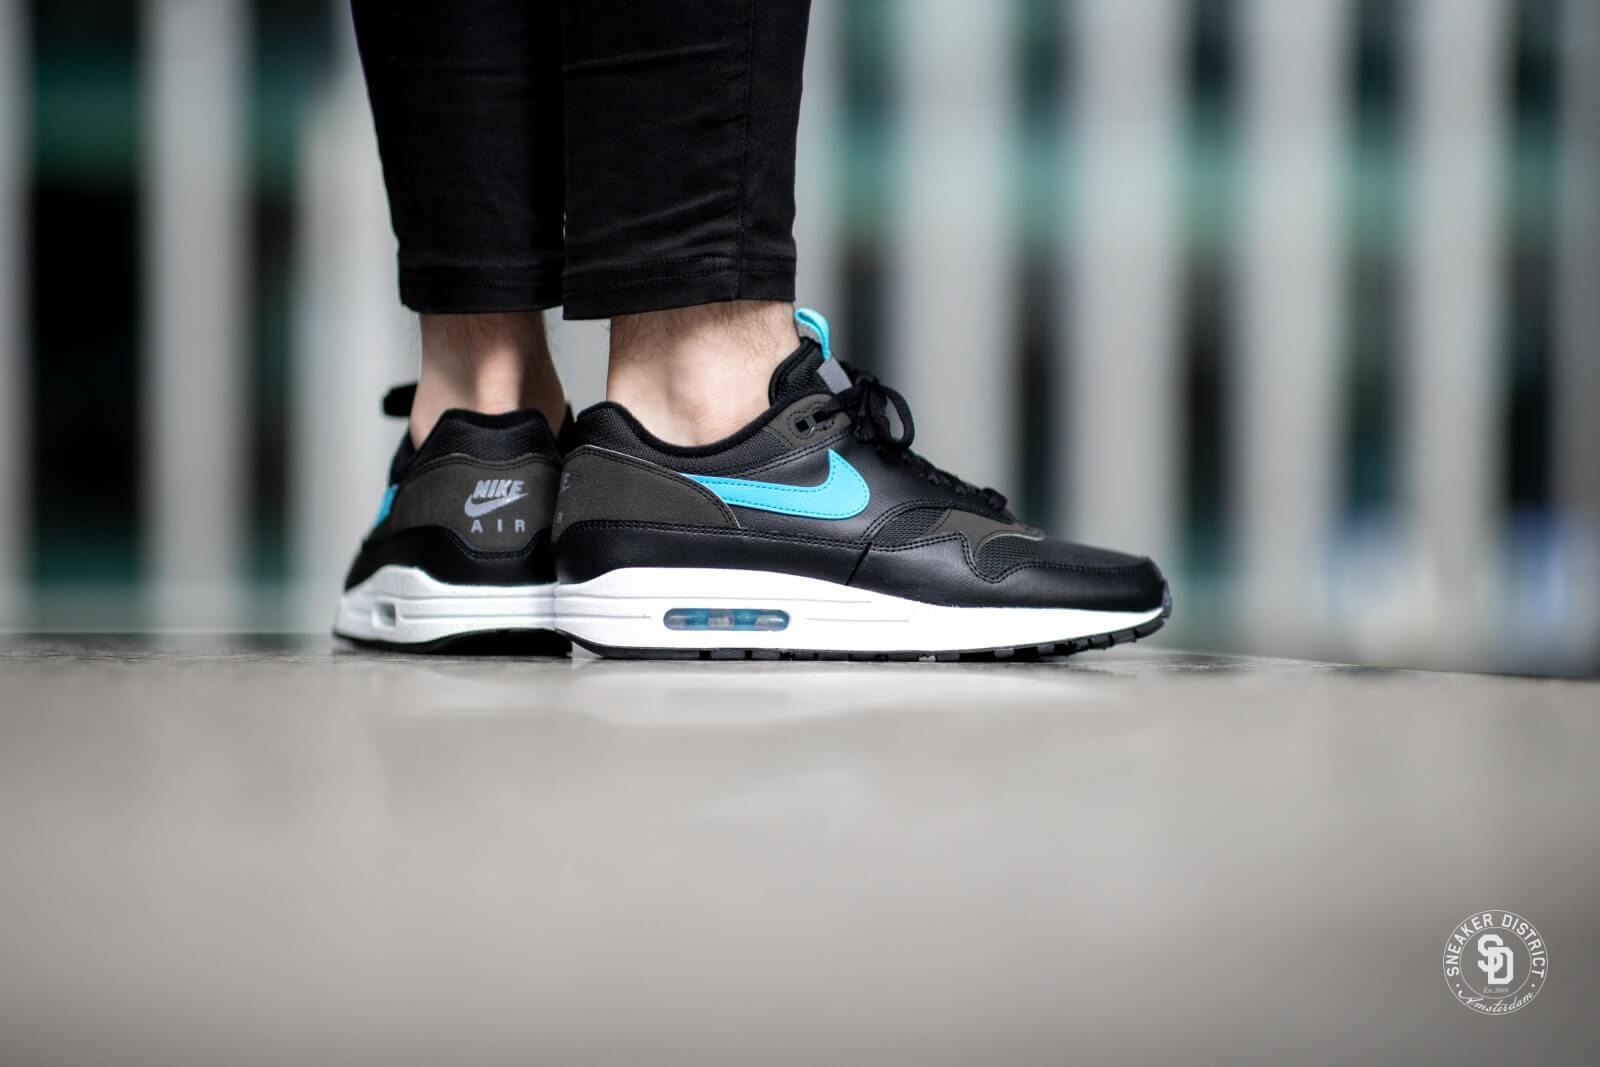 Nike Air Max 1 SE Black/Blue Fury